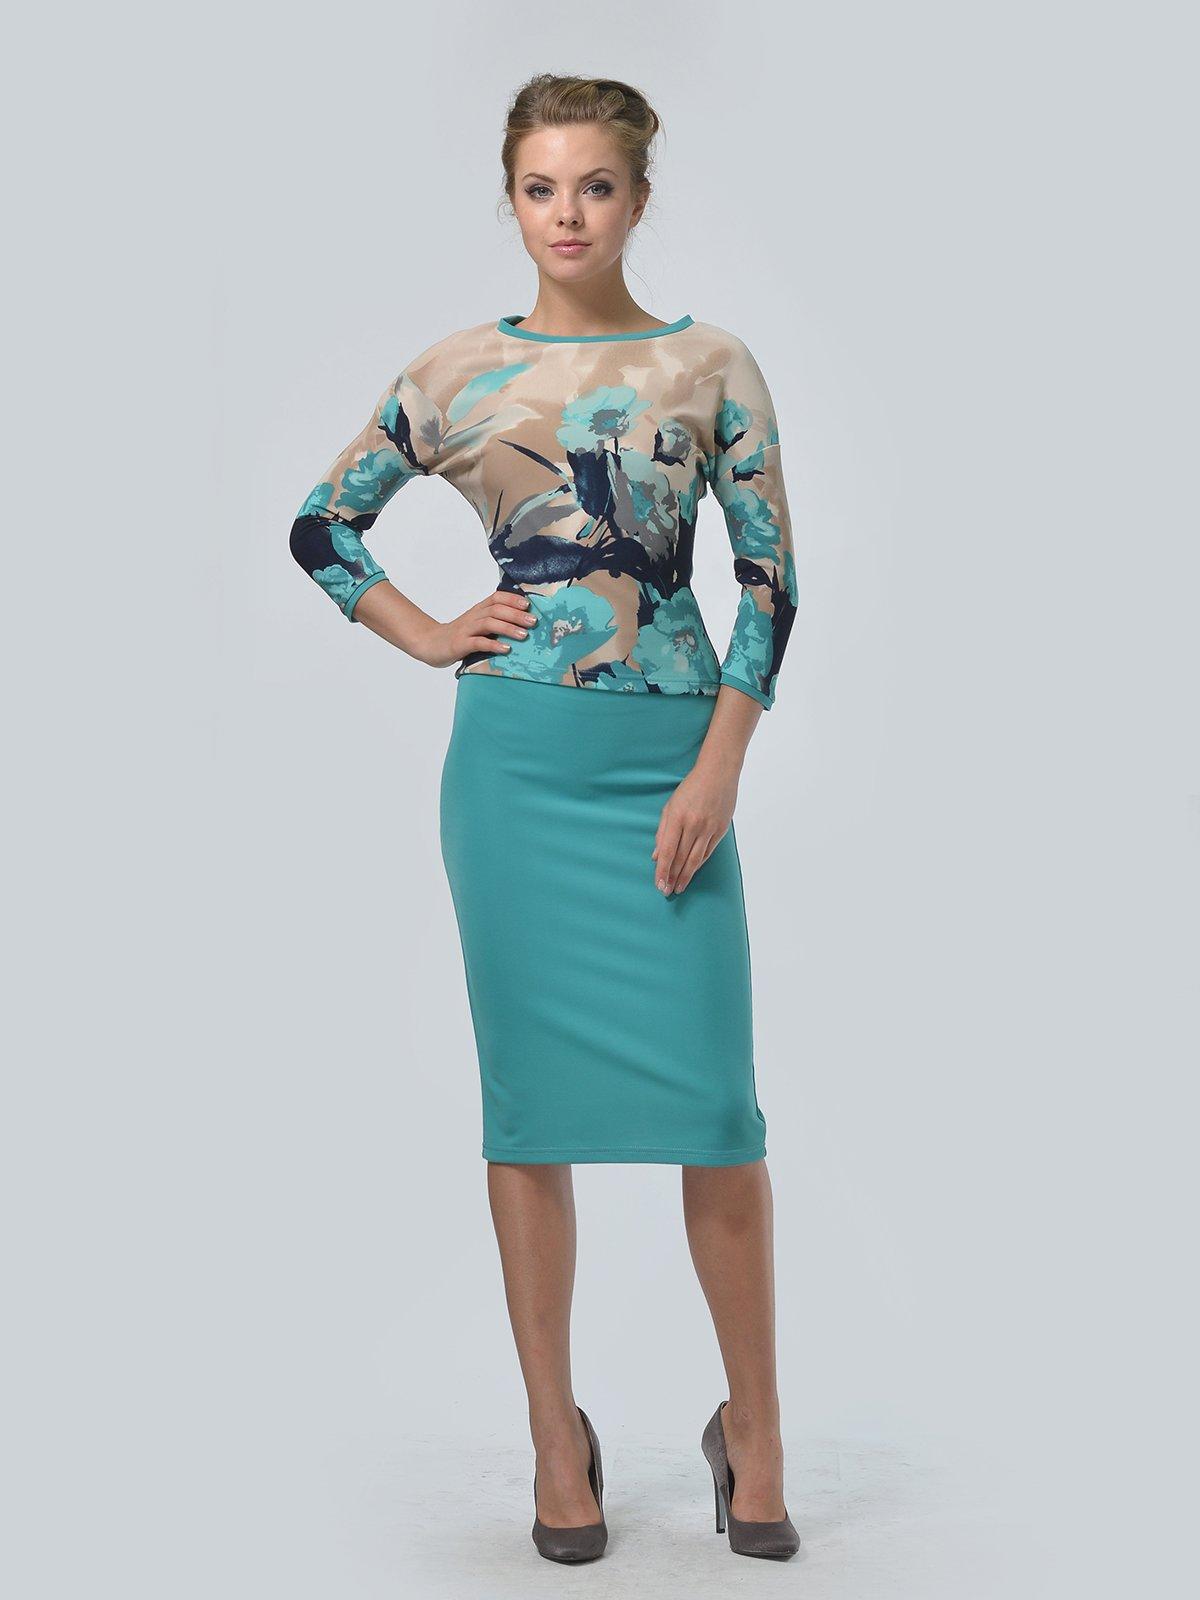 Комплект: джемпер и юбка   3724270   фото 2